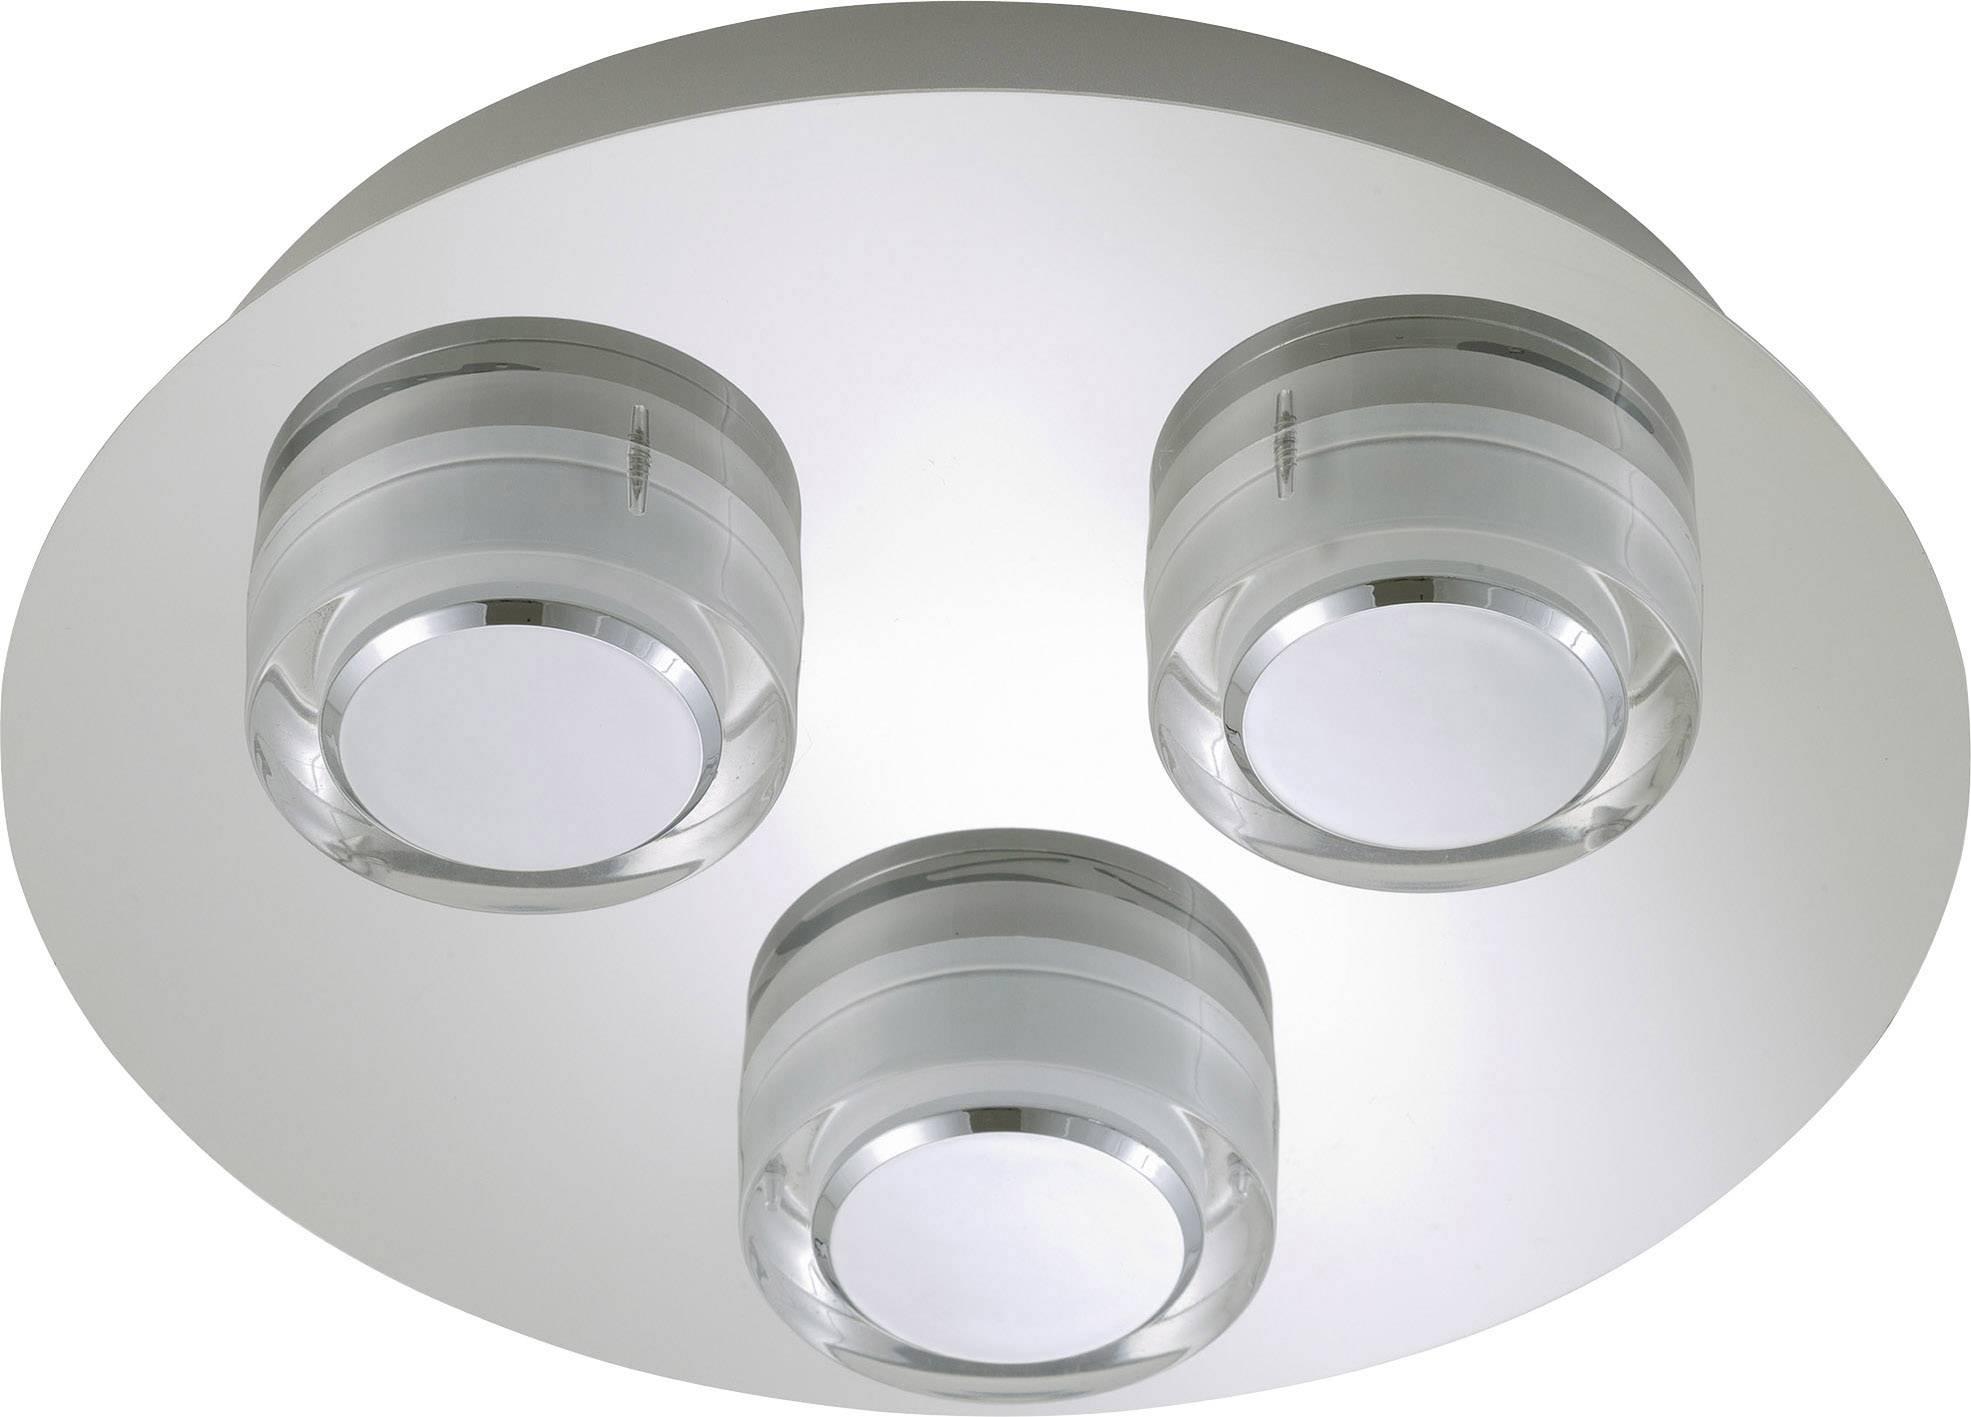 badezimmer deckenlampe elegant deckenlampe bad led bad. Black Bedroom Furniture Sets. Home Design Ideas